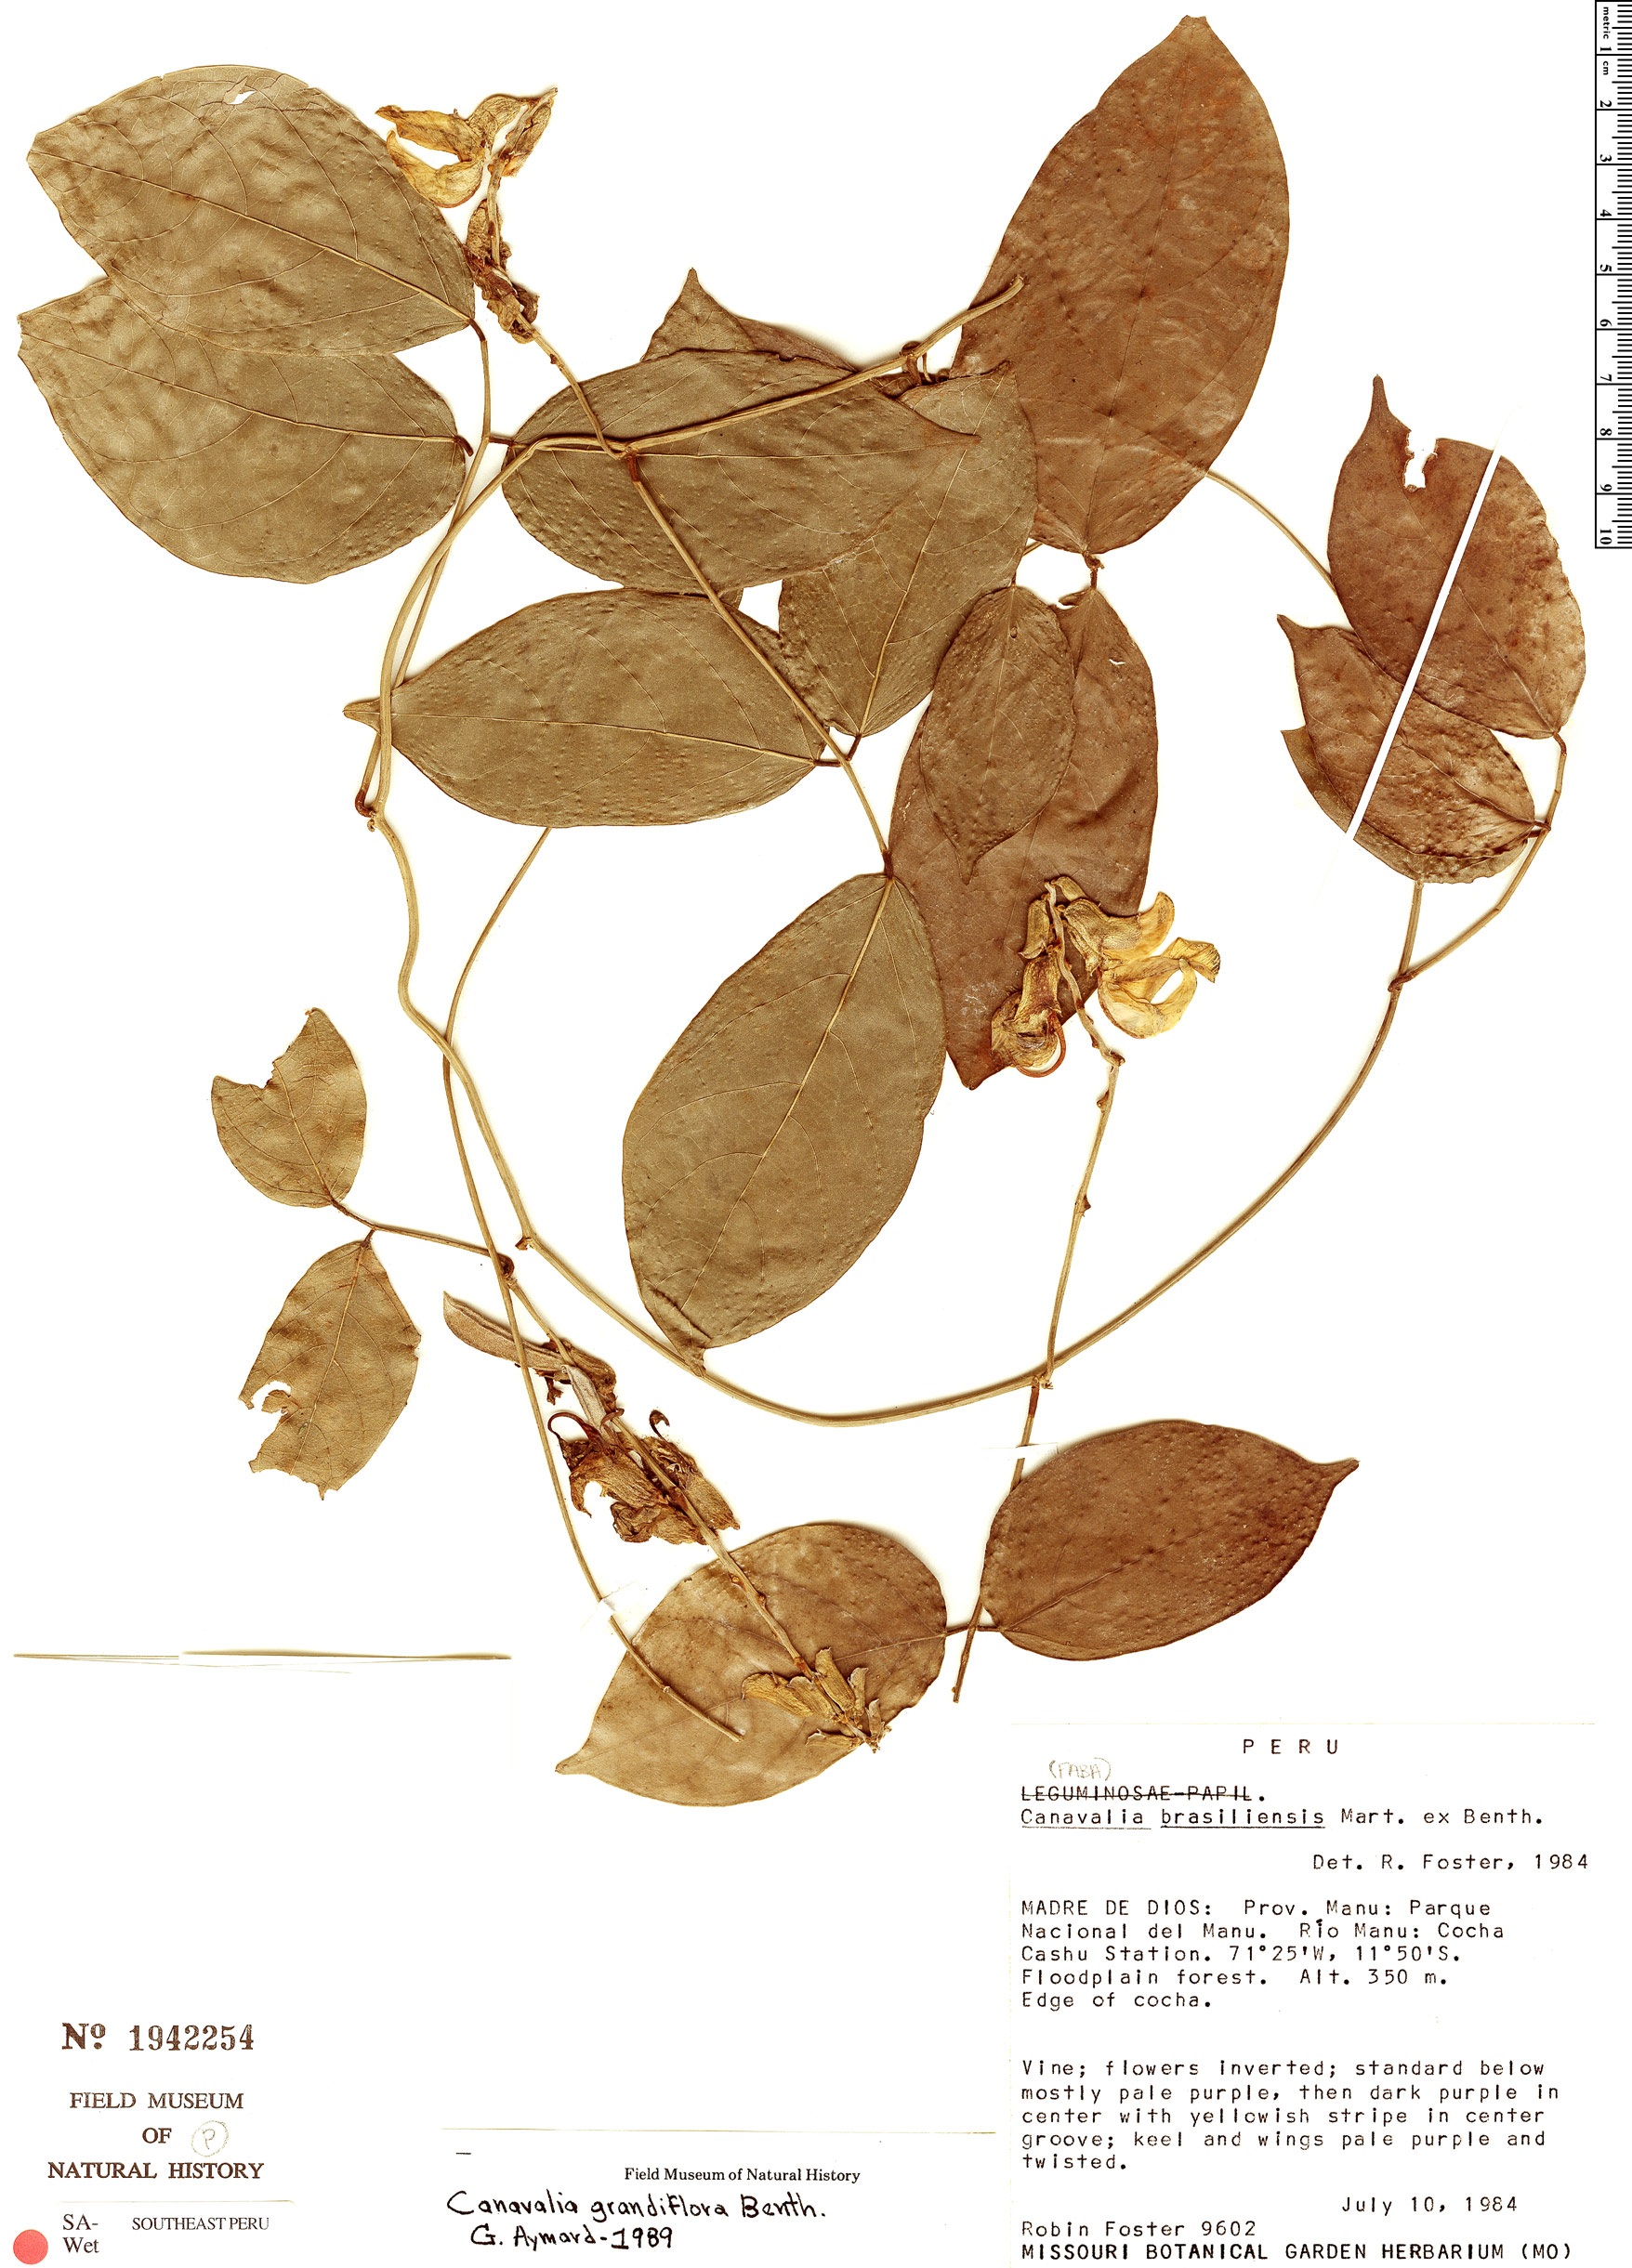 Specimen: Canavalia grandiflora